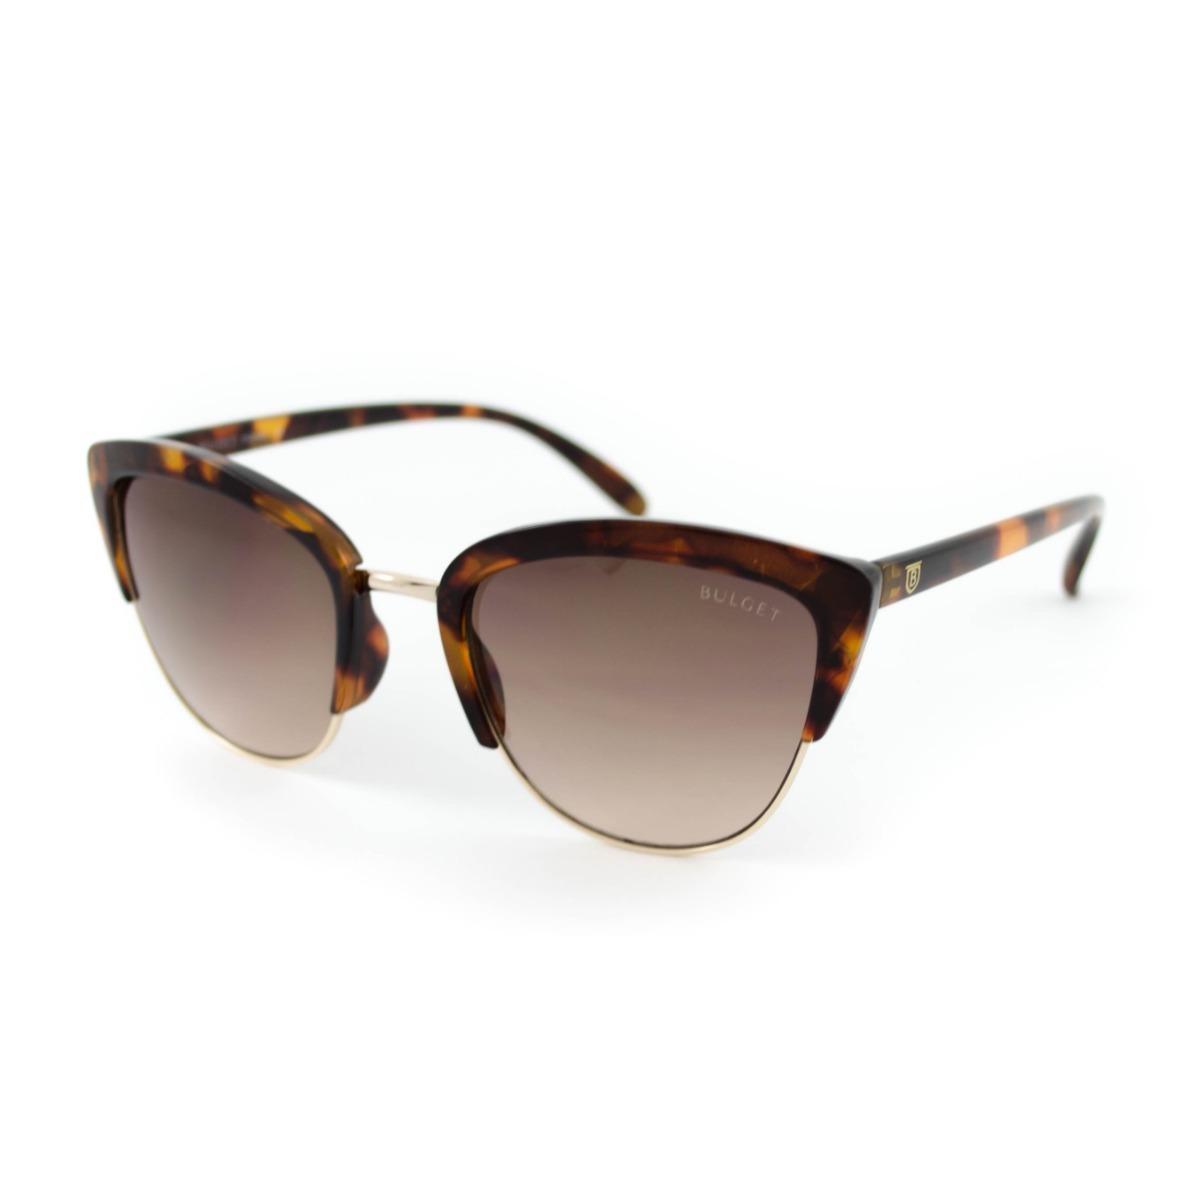 Óculos De Sol Bulget - Bg3206 G21 - Marrom - R  199,99 em Mercado Livre 113c284c51